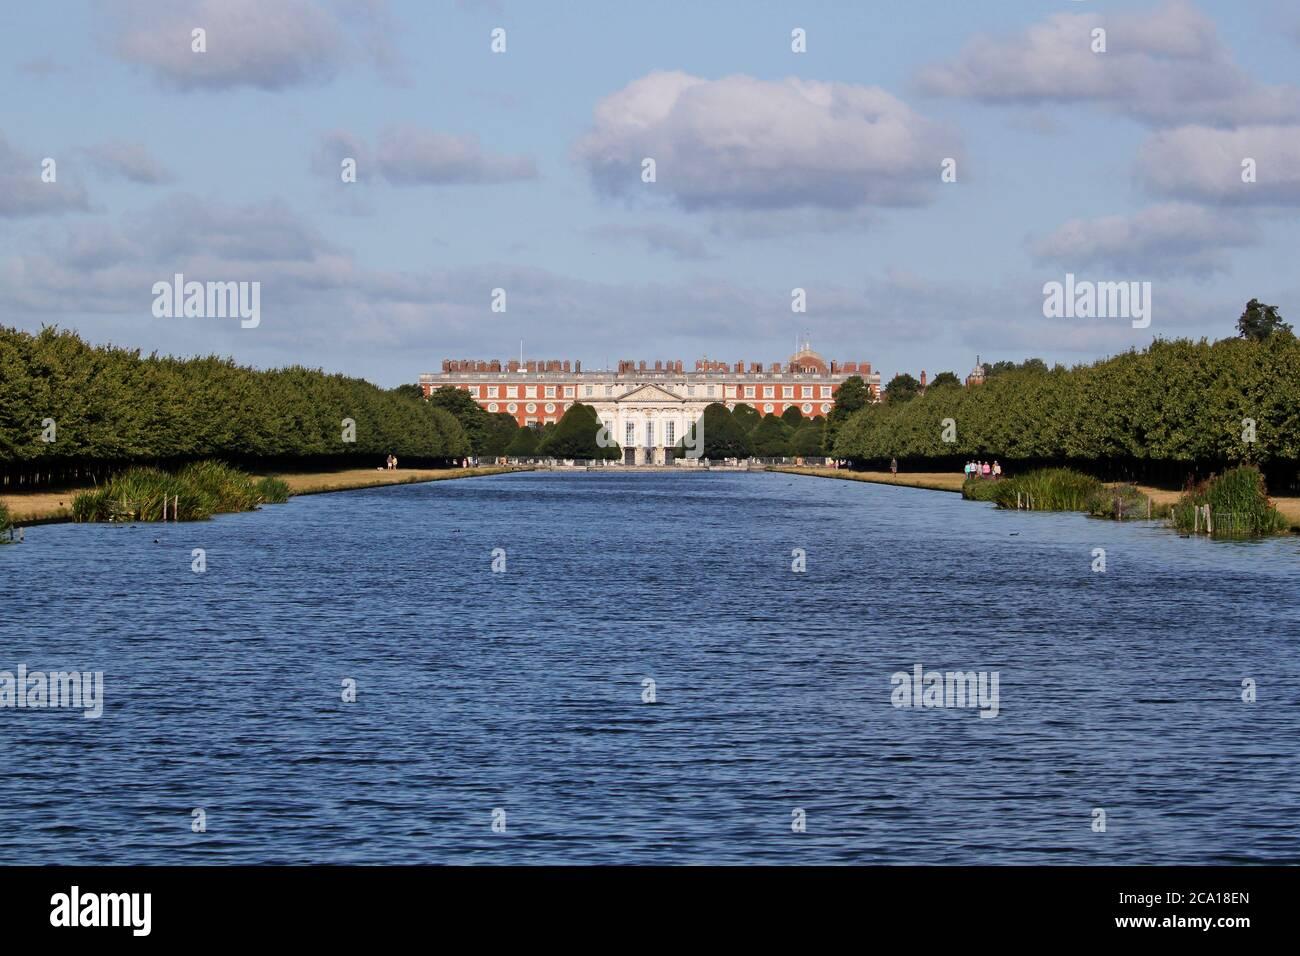 Hampton Court Palace (frente este) de Long Water, Home Park, Hampton Court, East Molesey, Surrey, Inglaterra, Gran Bretaña, Reino Unido, Reino Unido, Europa Foto de stock